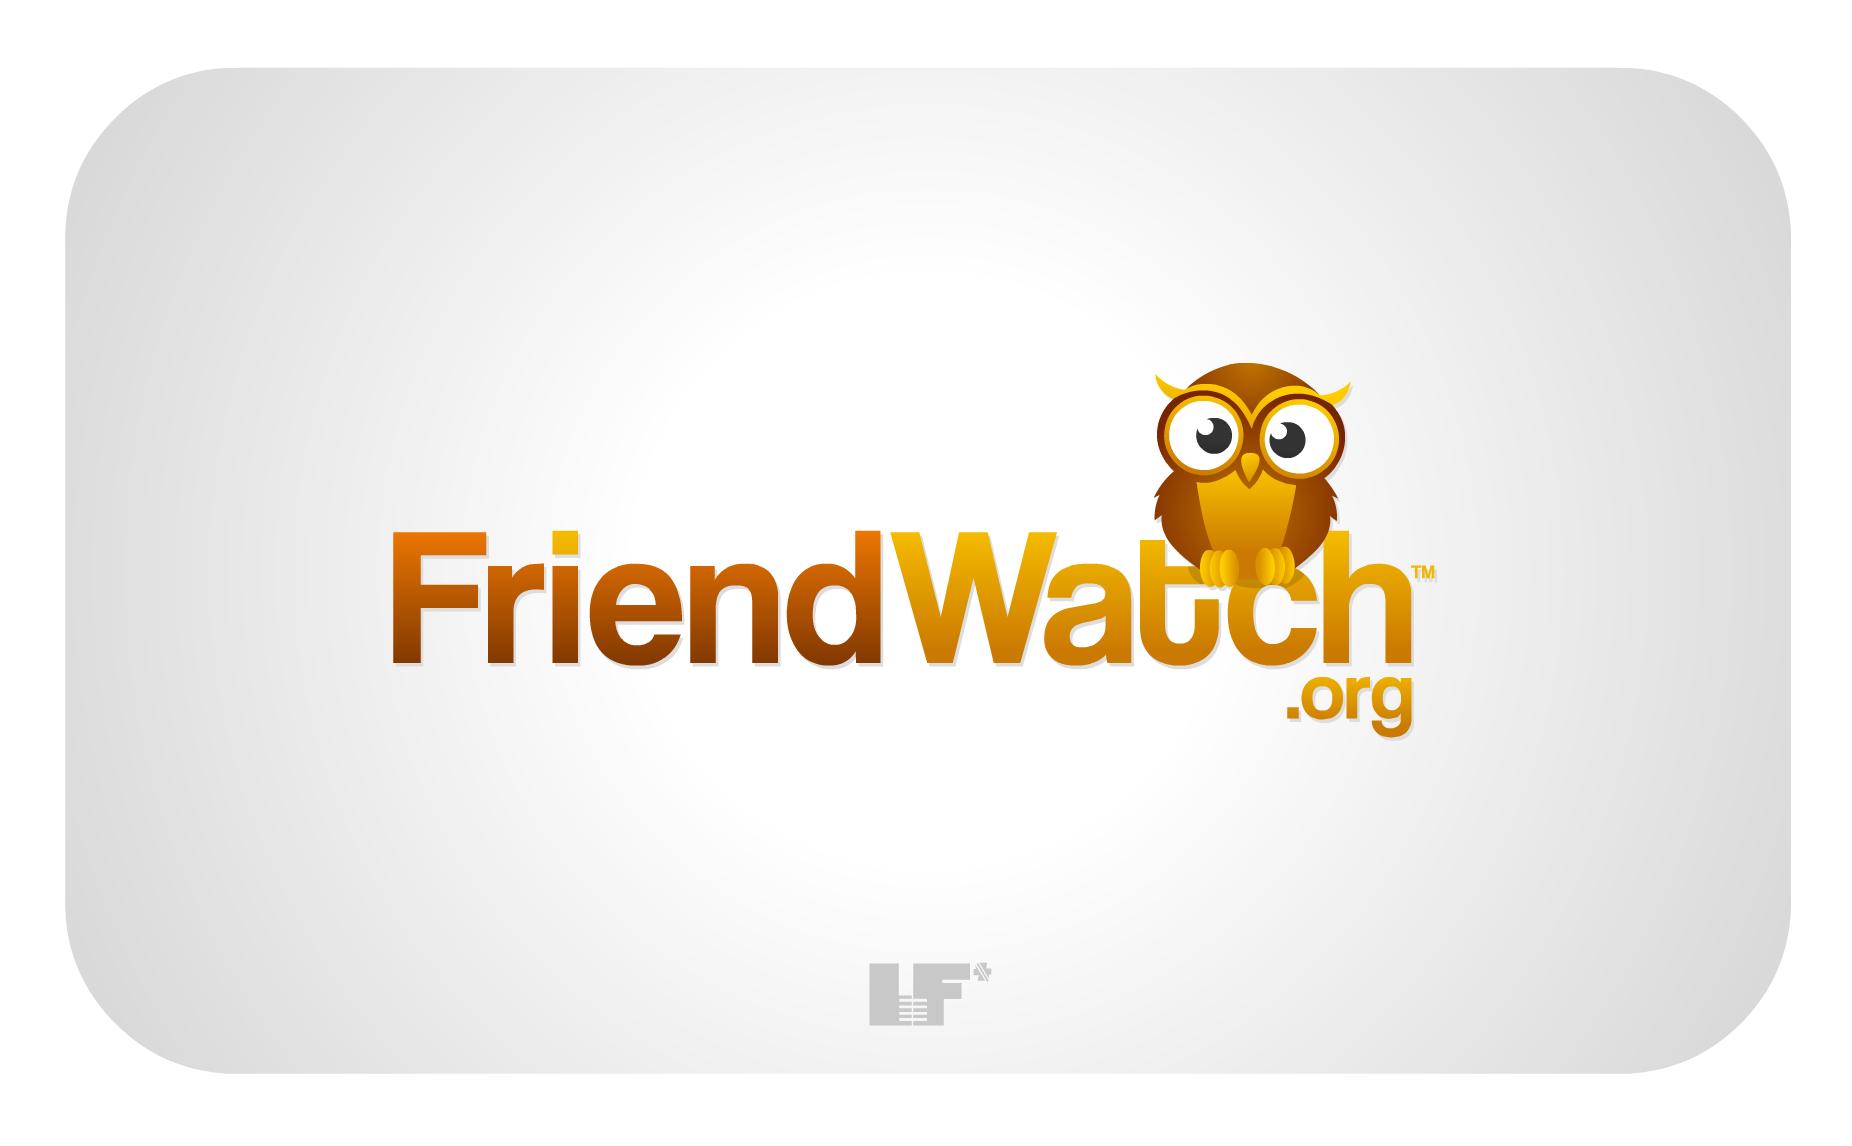 LOGO for FriendWatch.org